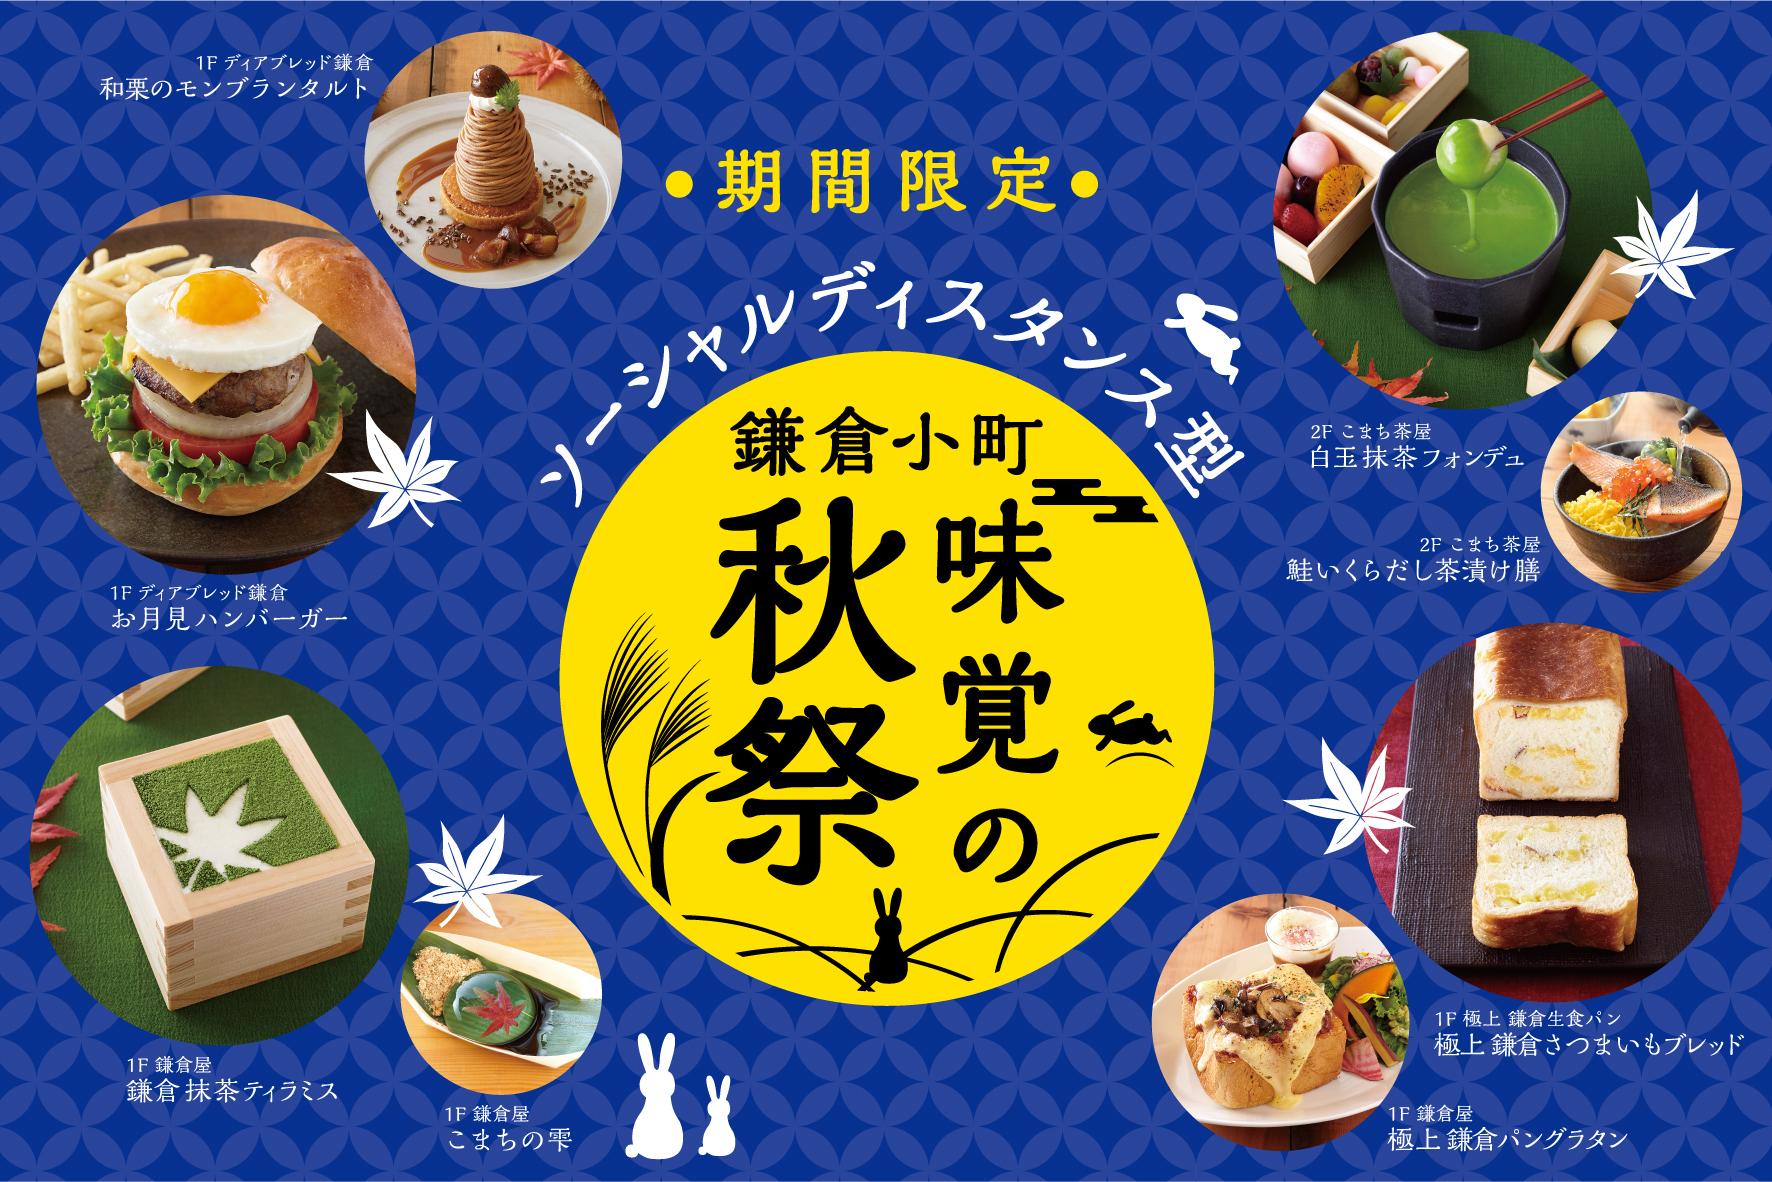 アイザ鎌倉の4店舗から、おいしい新作同時デビューに~「鎌倉小町味覚の秋祭」開催~